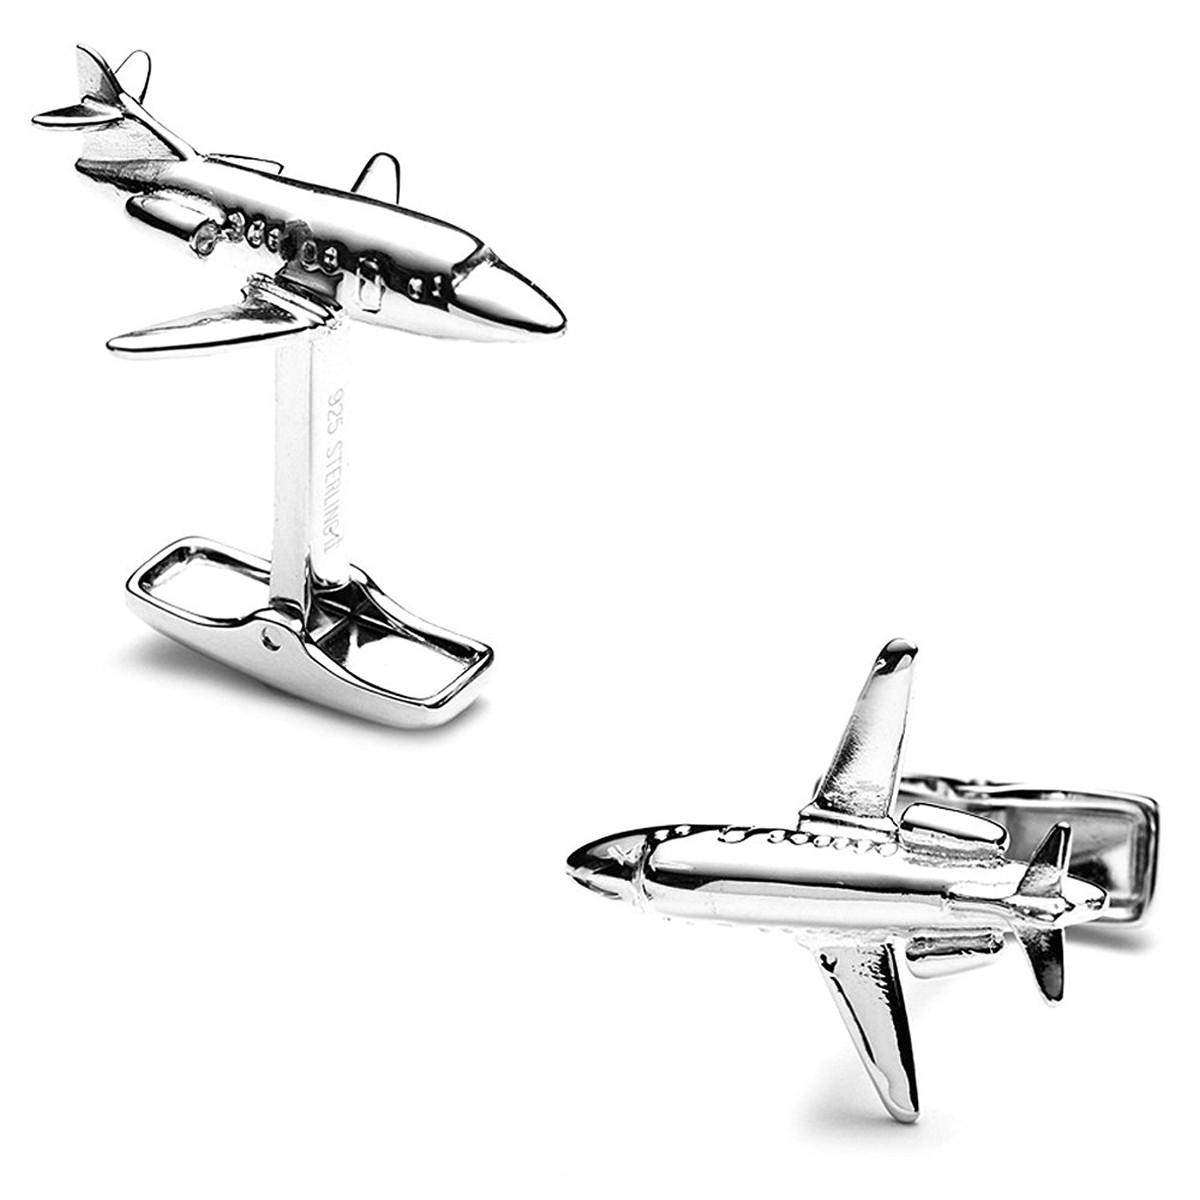 ガルフストリーム グッズ おもちゃ カフリンクス カフボタン カフス シルバー 飾り アクセサリー 航空機 プライベートジェット 自家